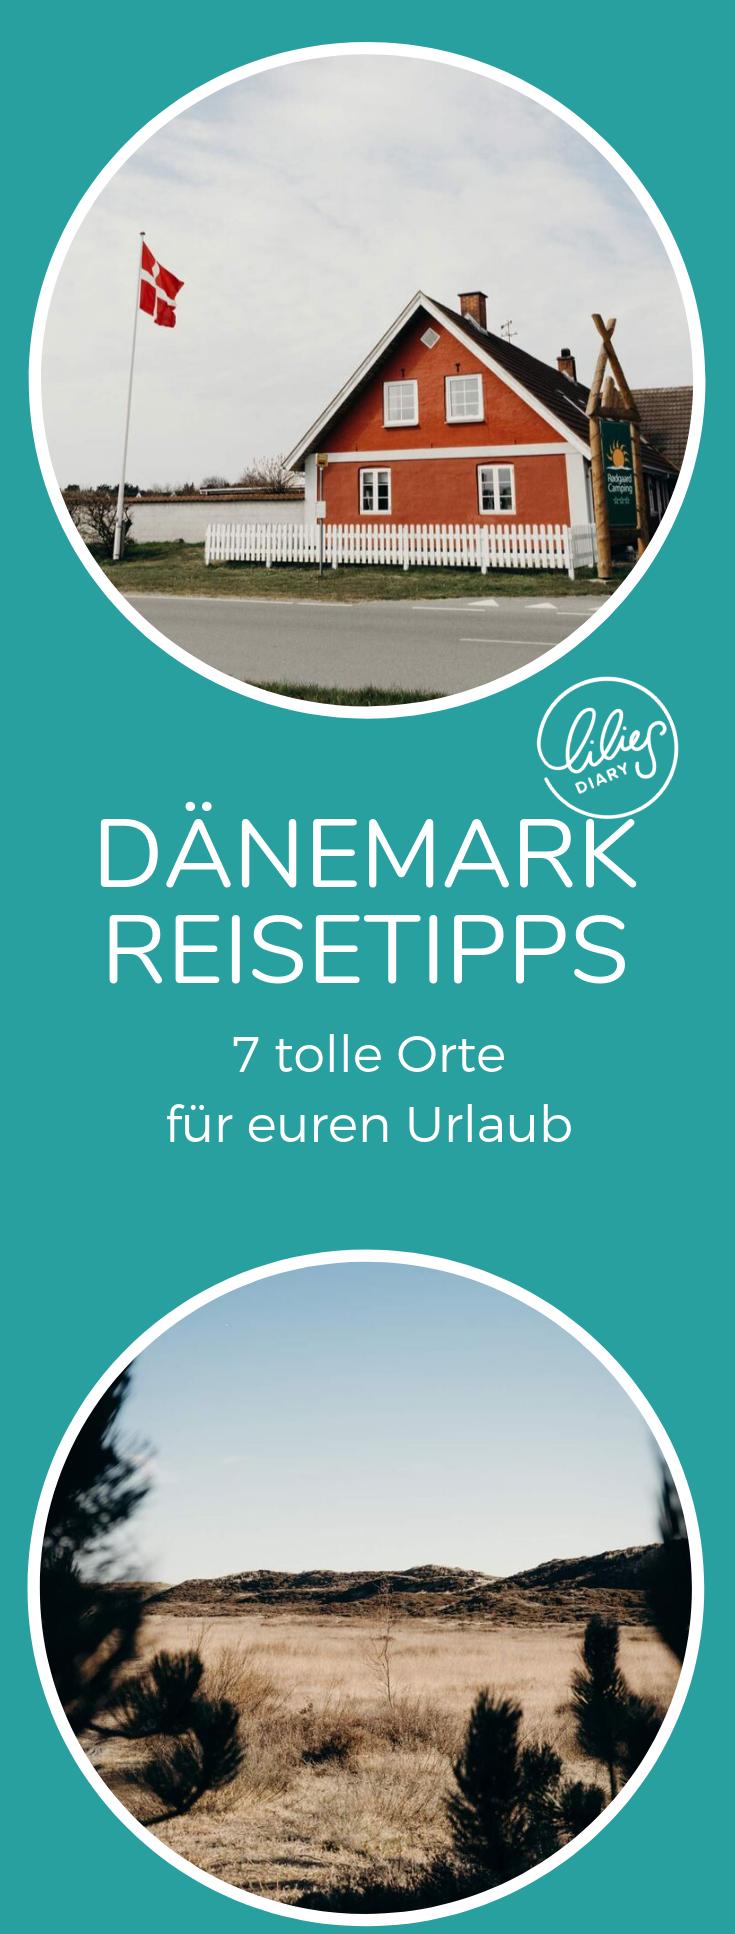 daenemark reisetipps